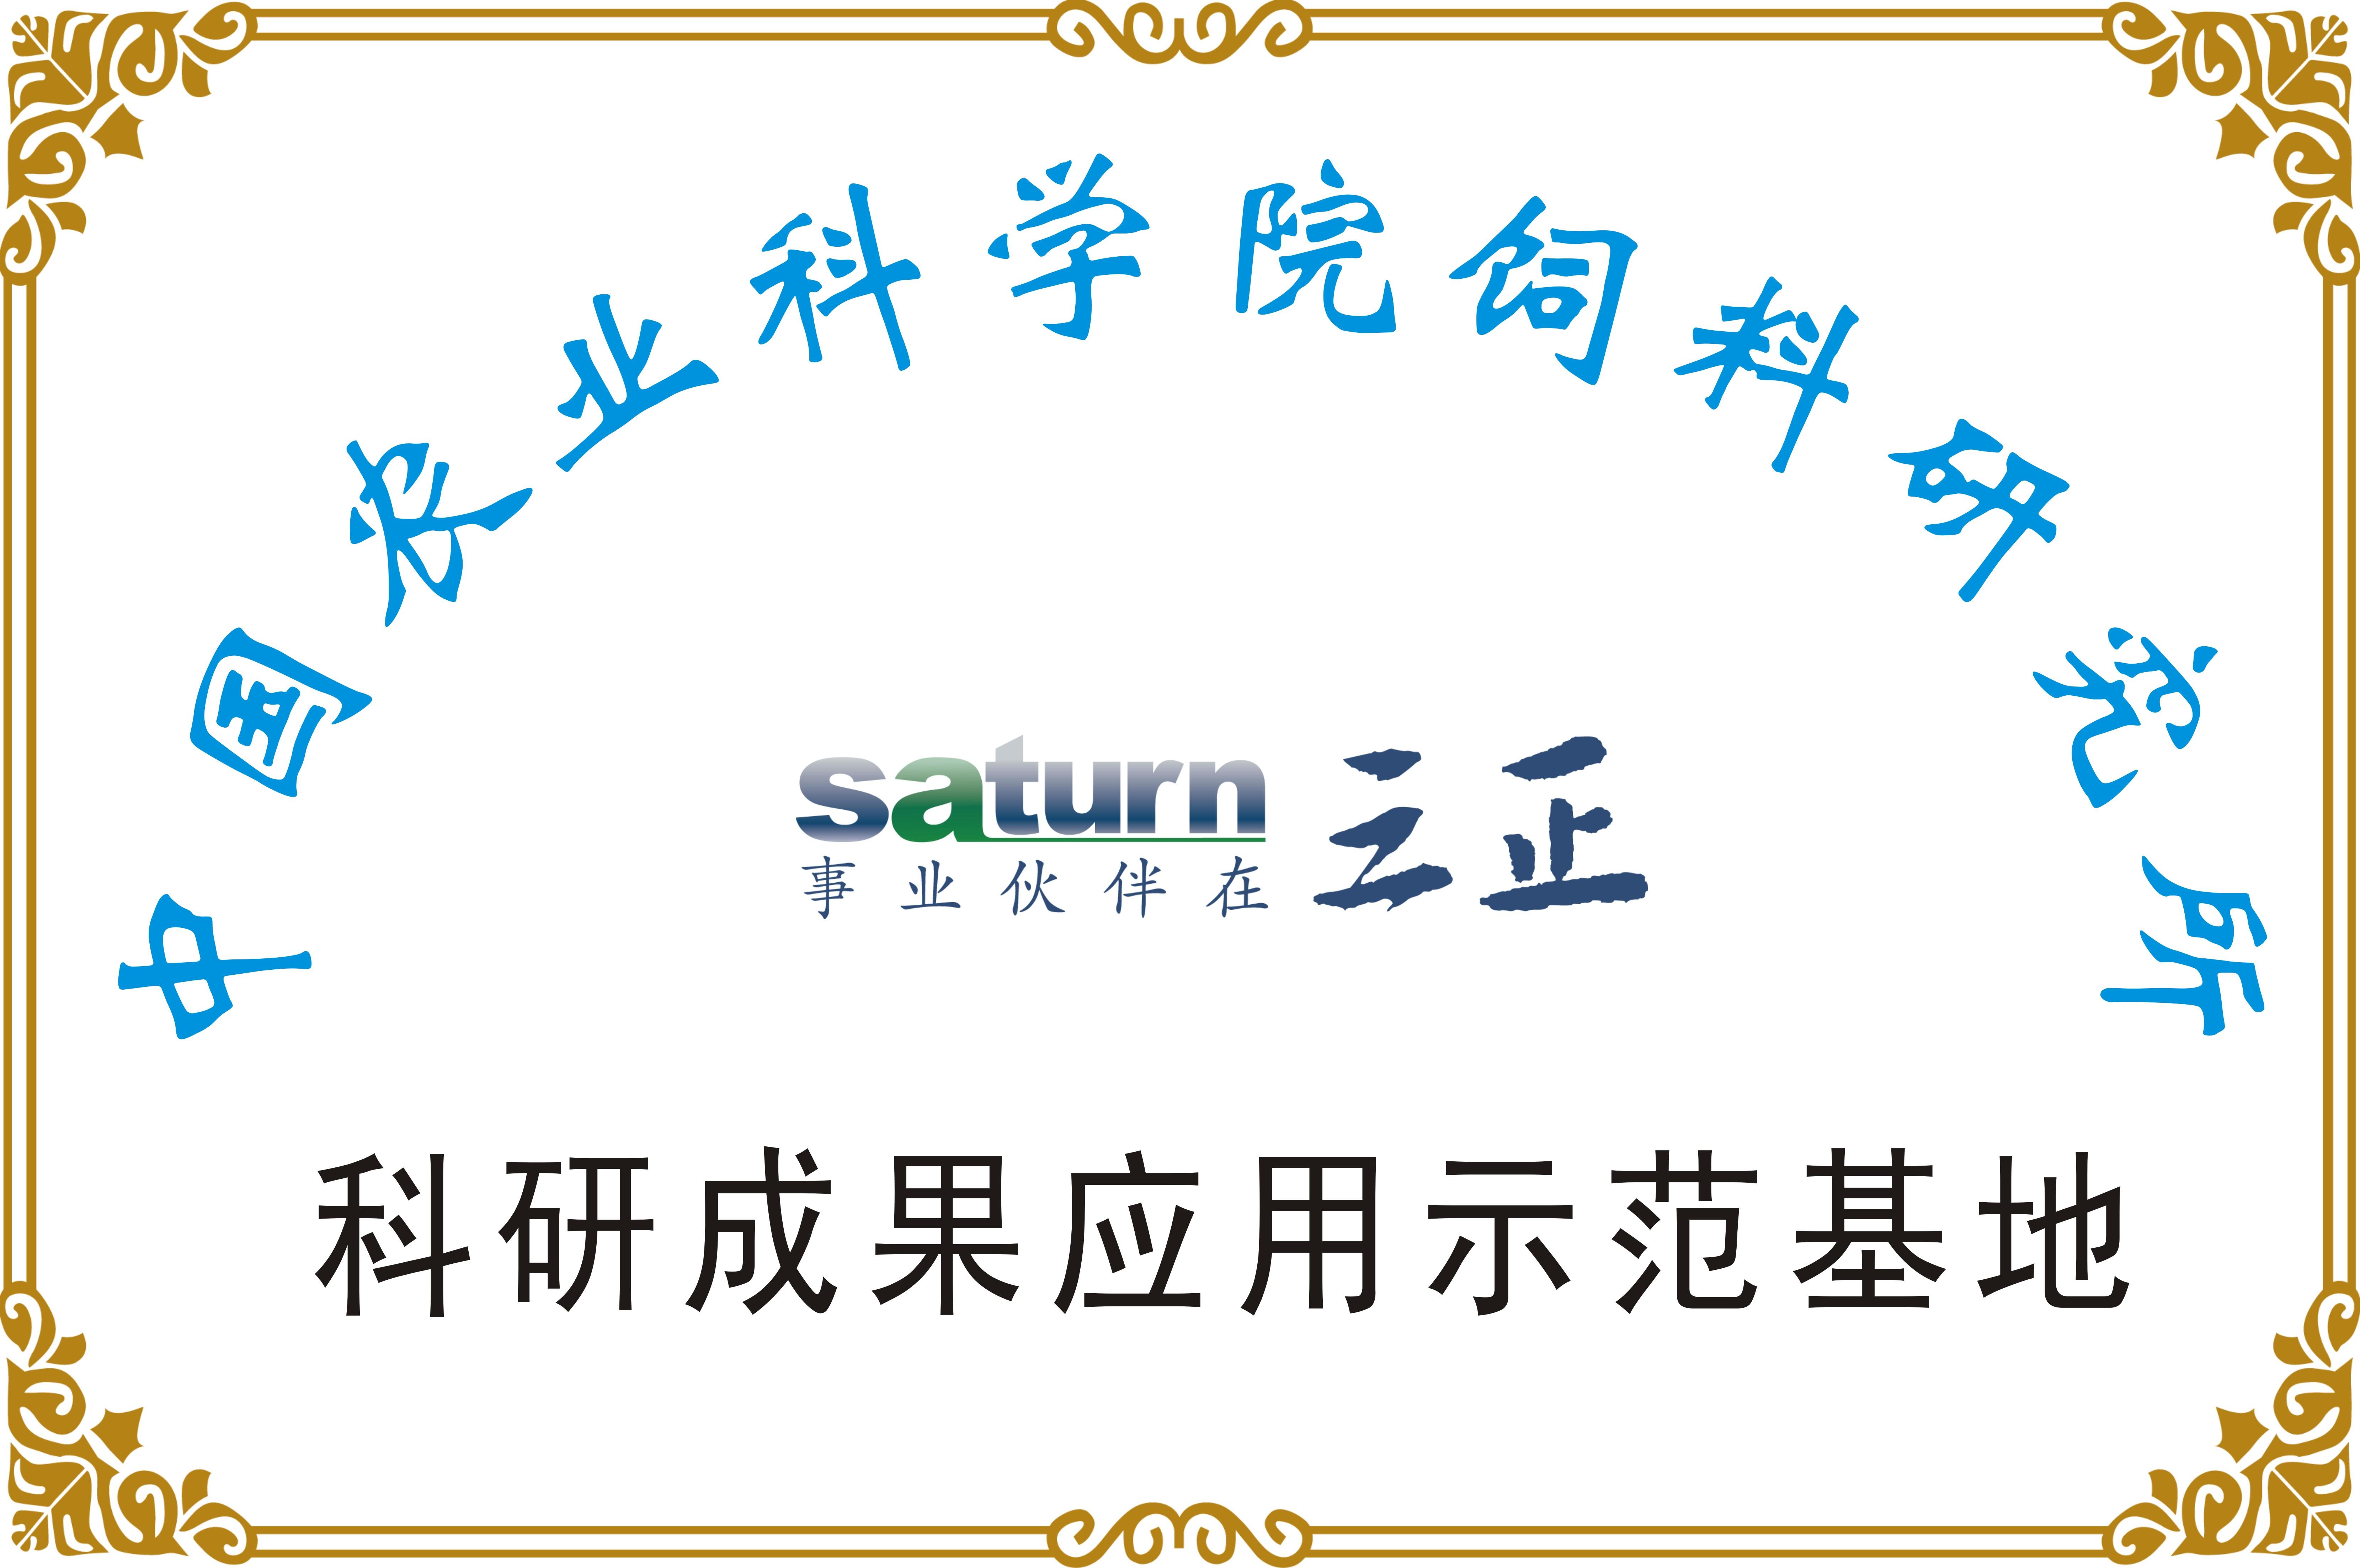 中国农业科学院饲料研究所科研成果应用示范基地